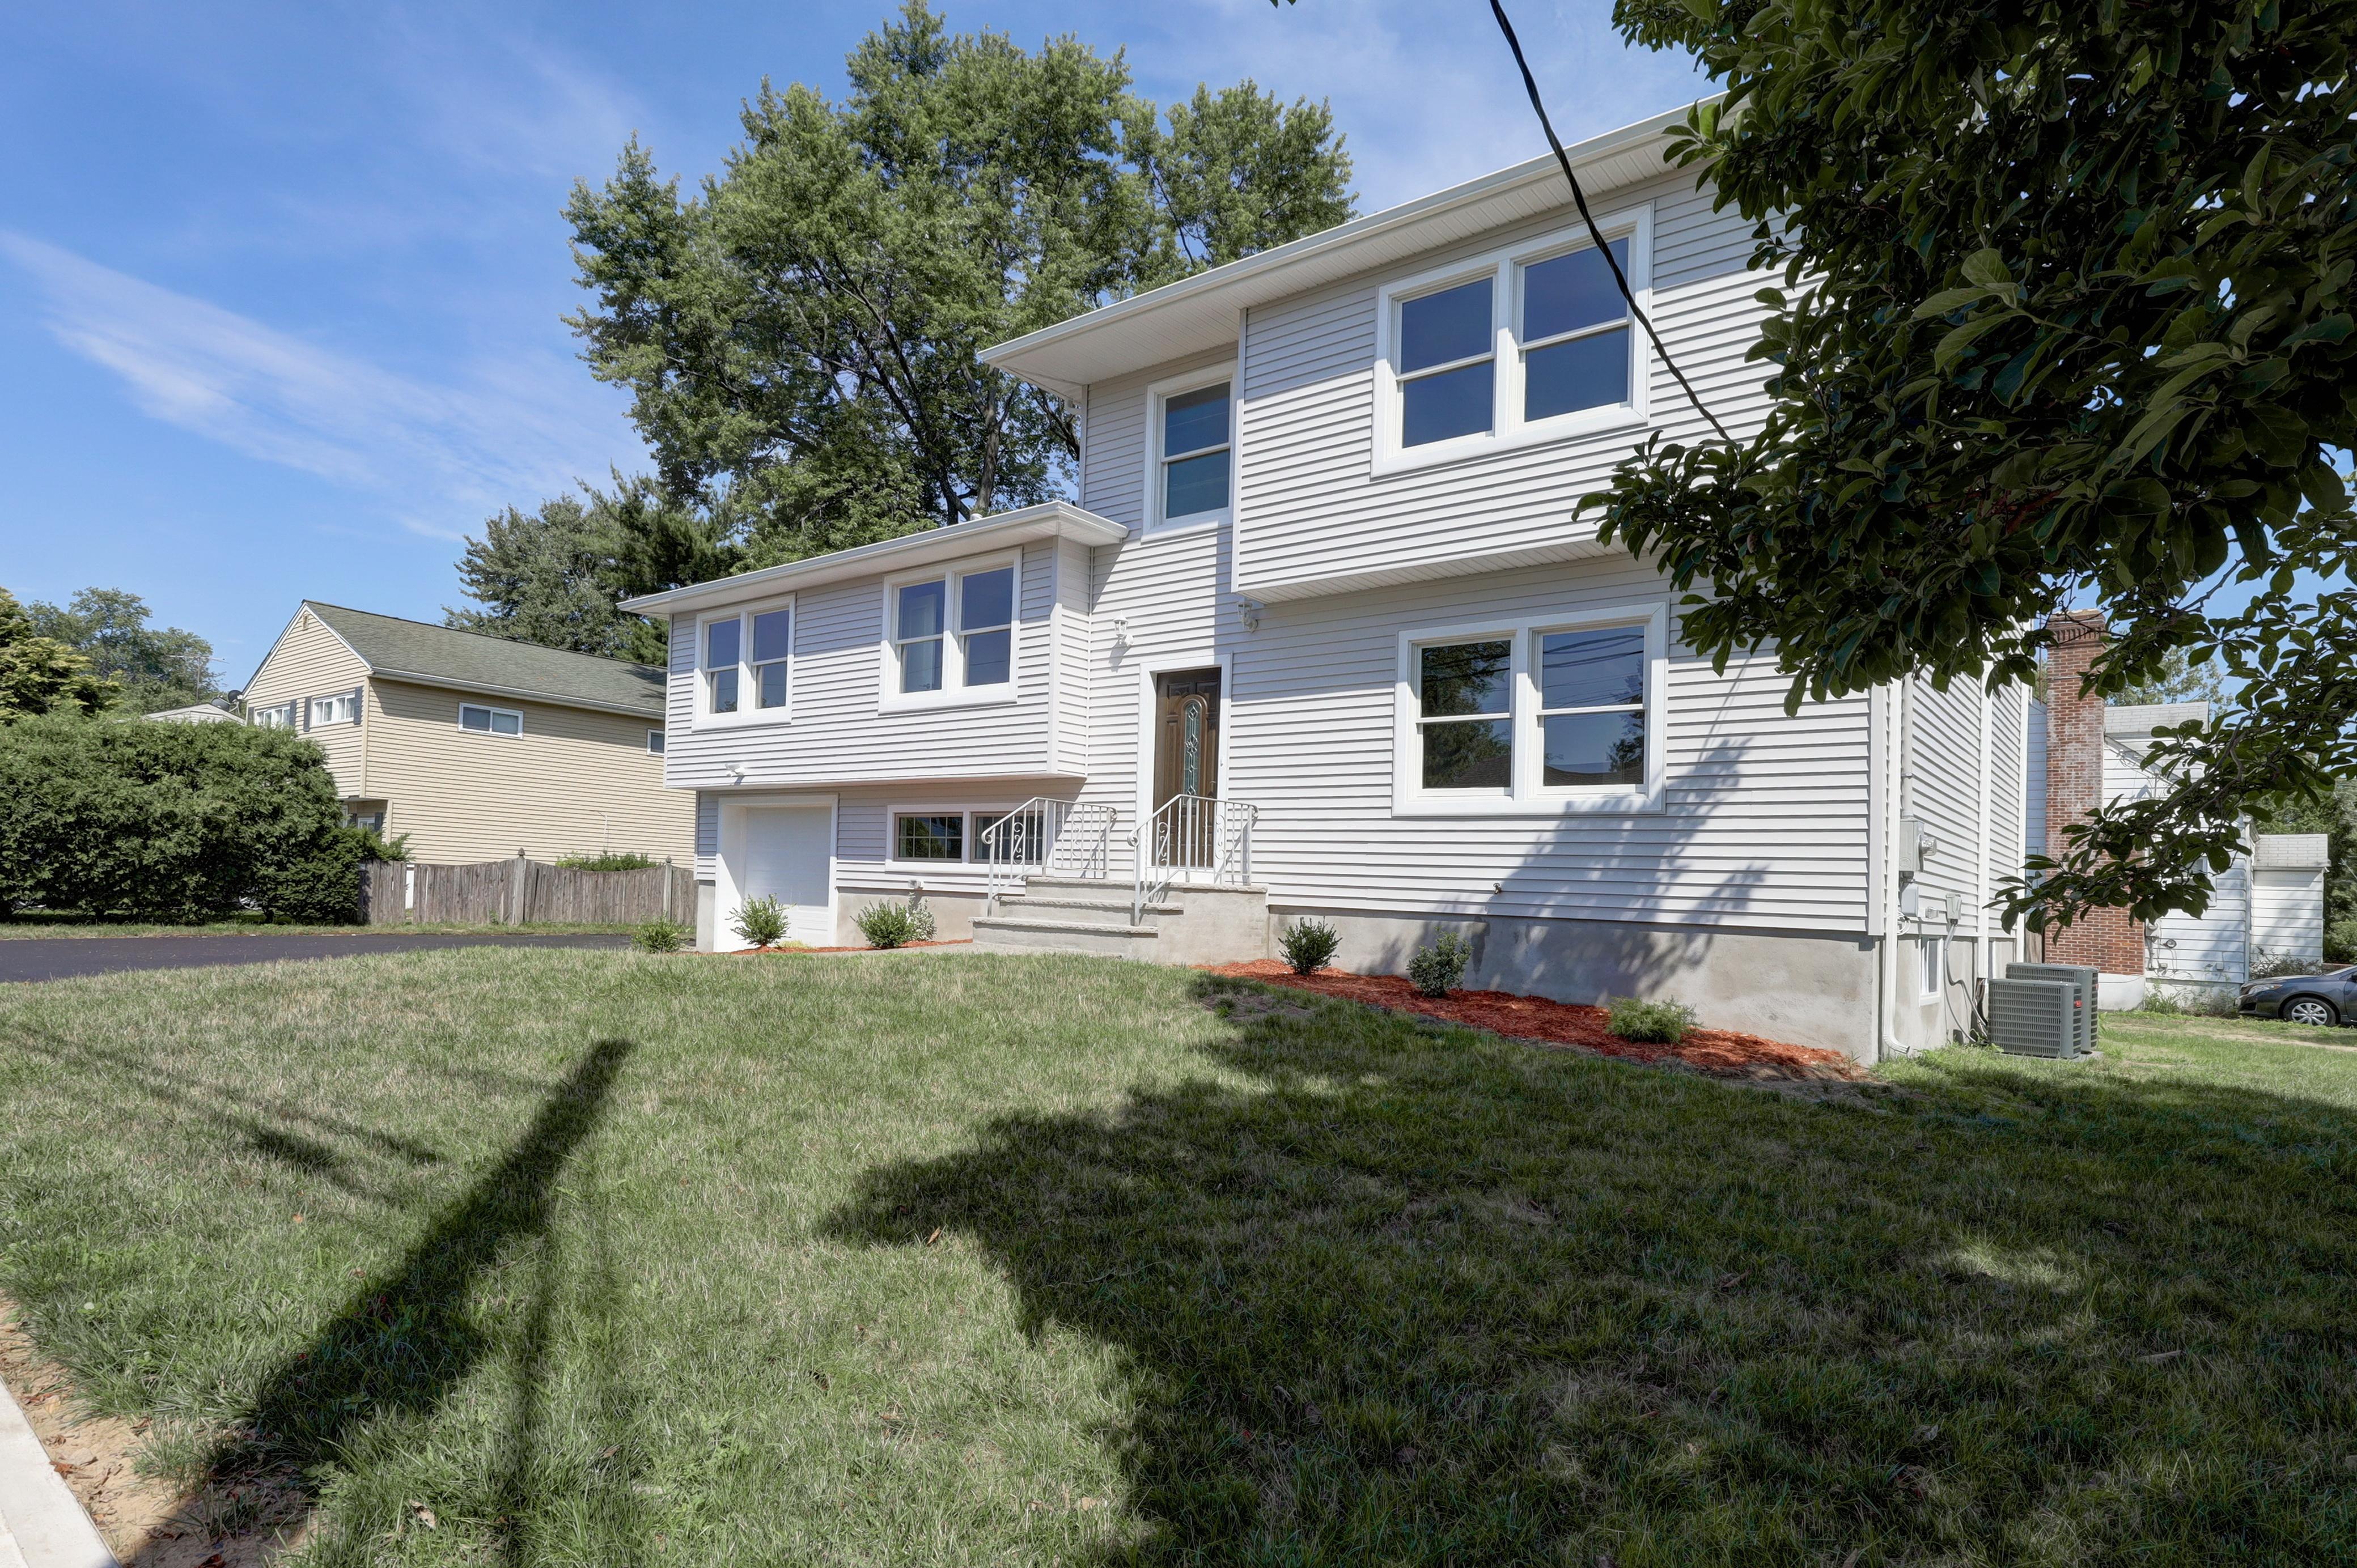 40-27 Tierney Pl., Fair Lawn, NJ